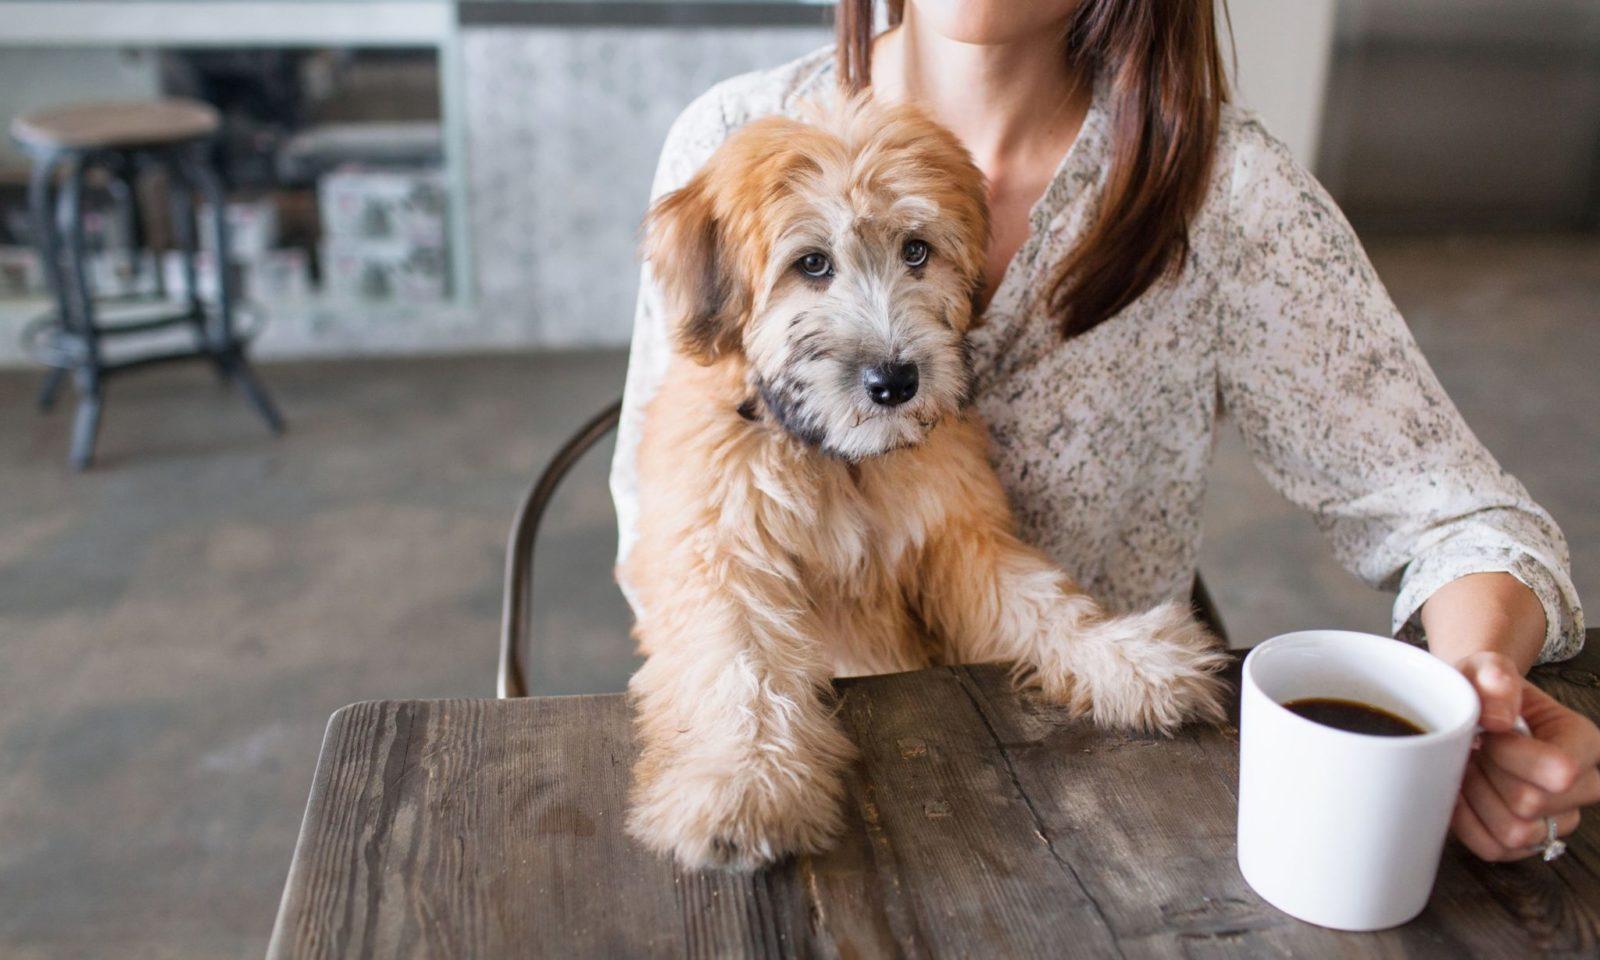 Fotografia kolorowa ukazująca psa siedzącego przy stole, na którym stoi biały kubek z kawą. Pies jest kudłaty w kolorze beżowo-karmelowym.